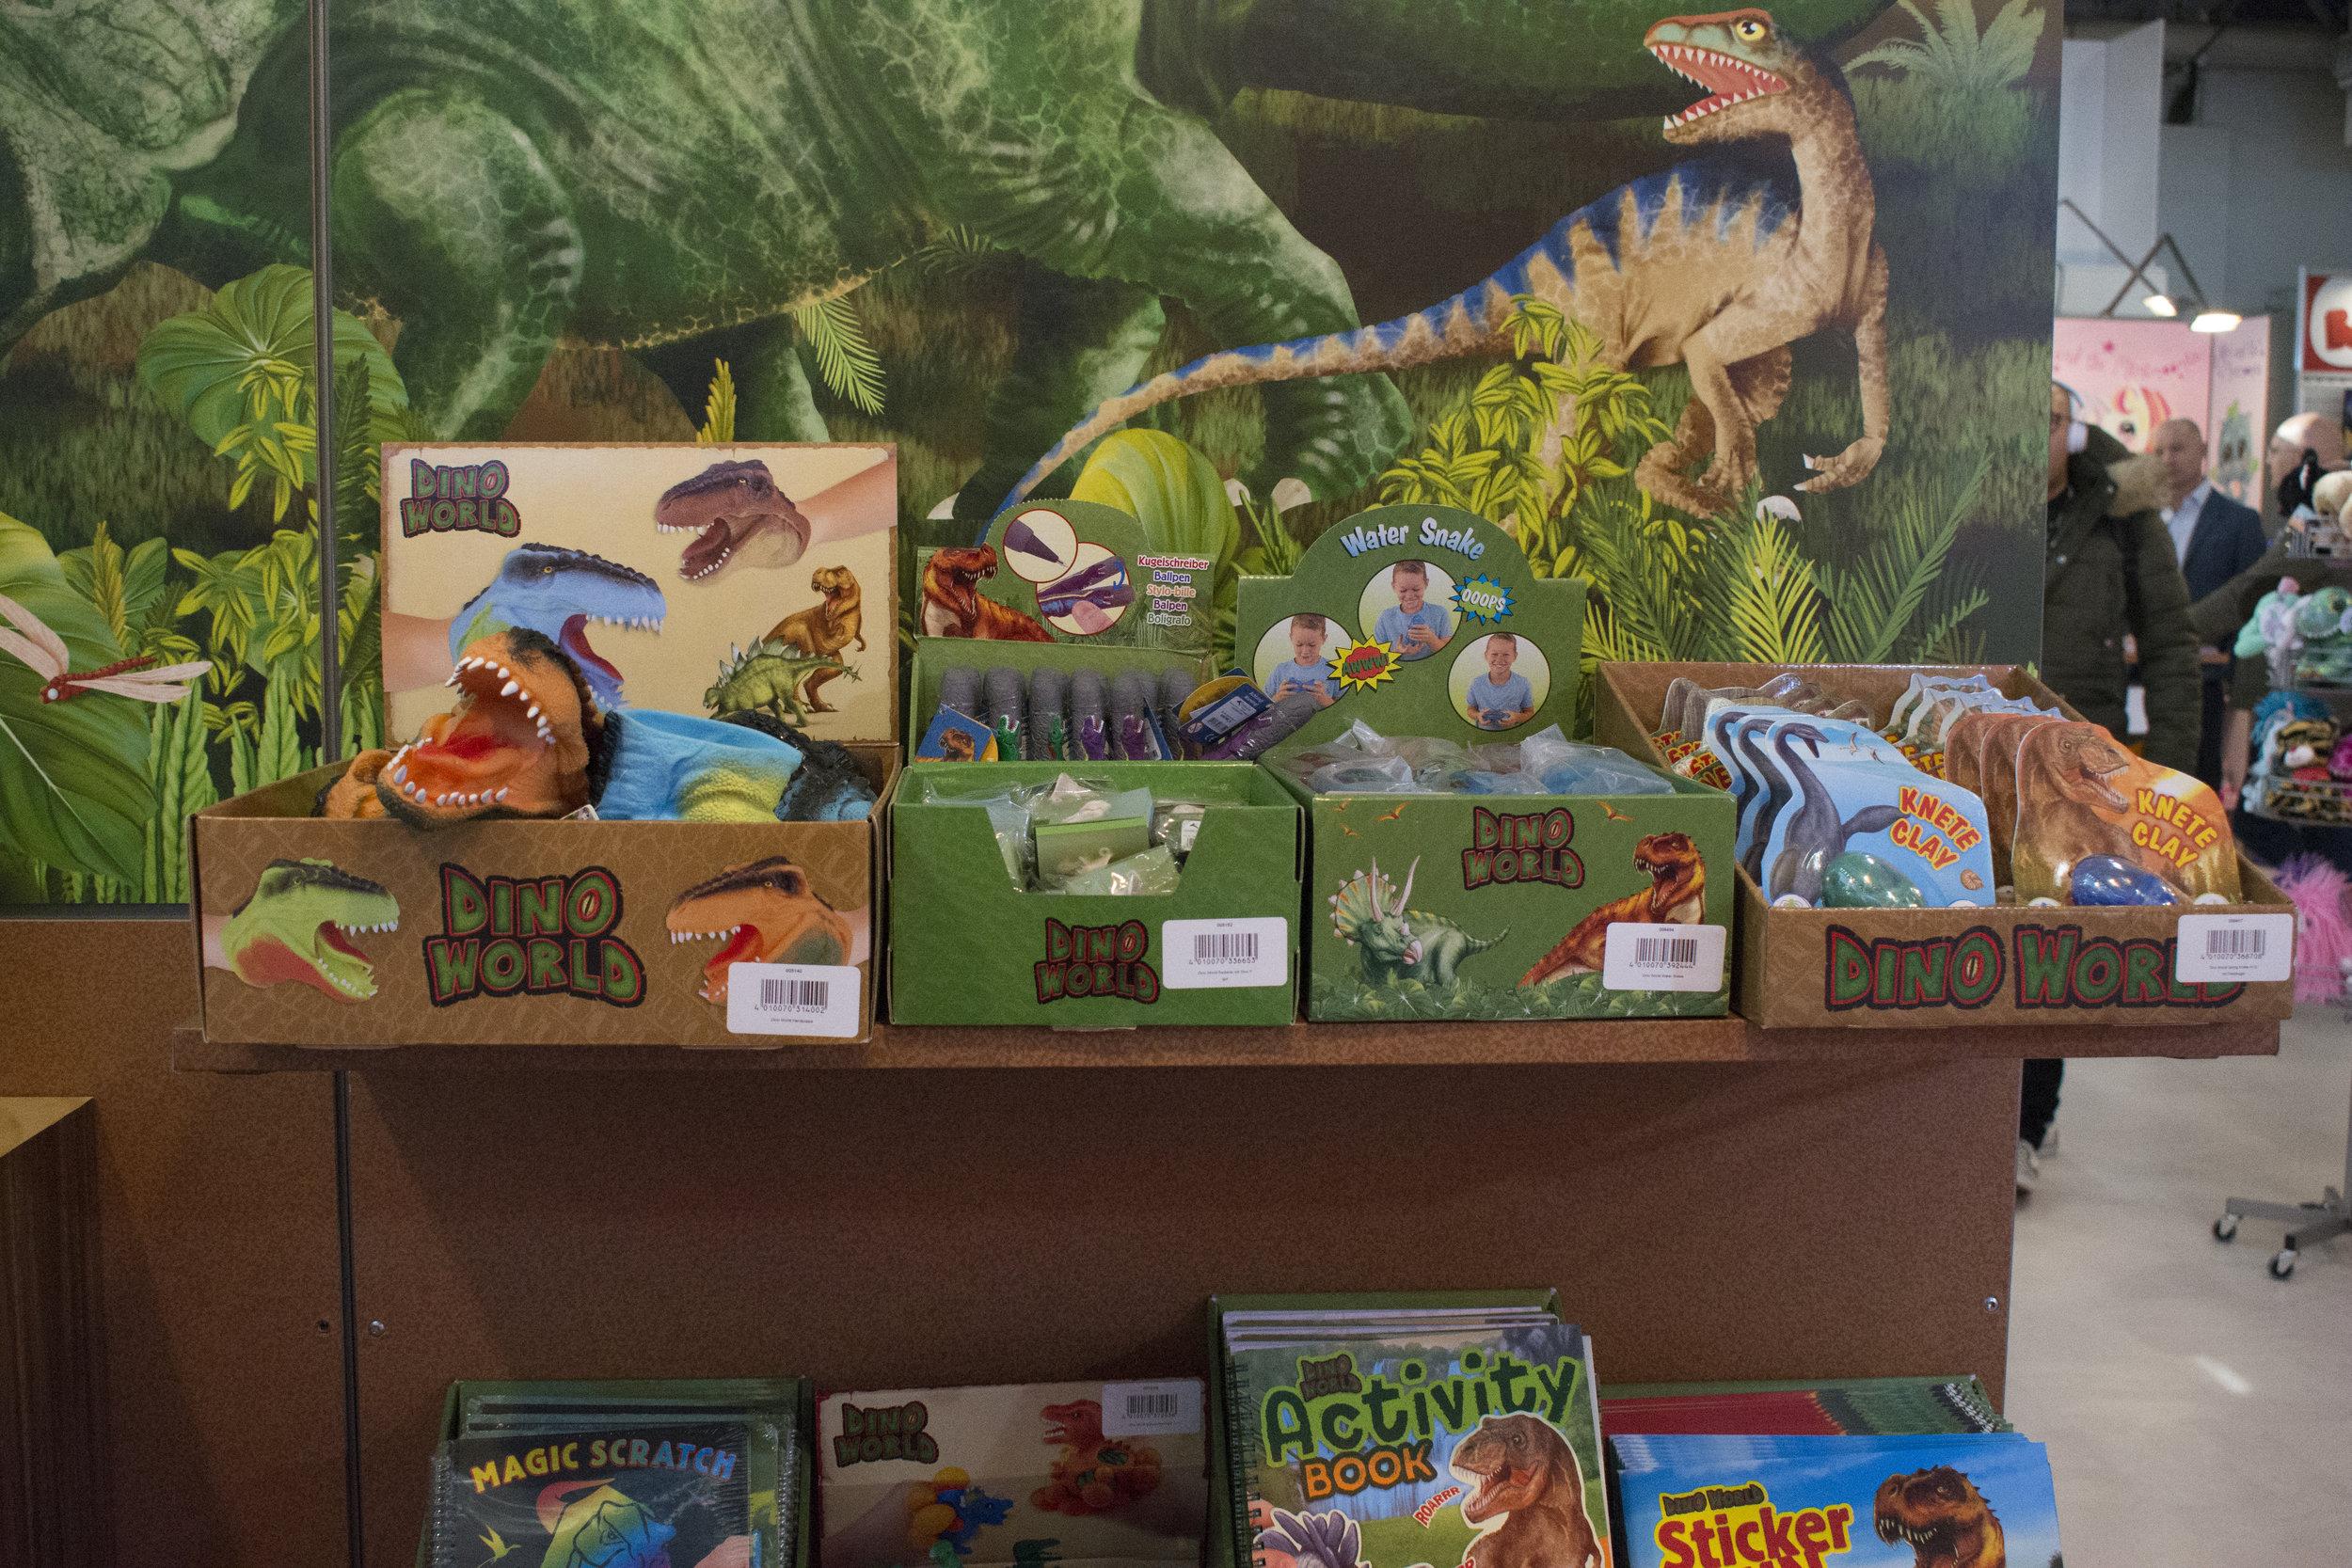 Dino World Shelves.jpg